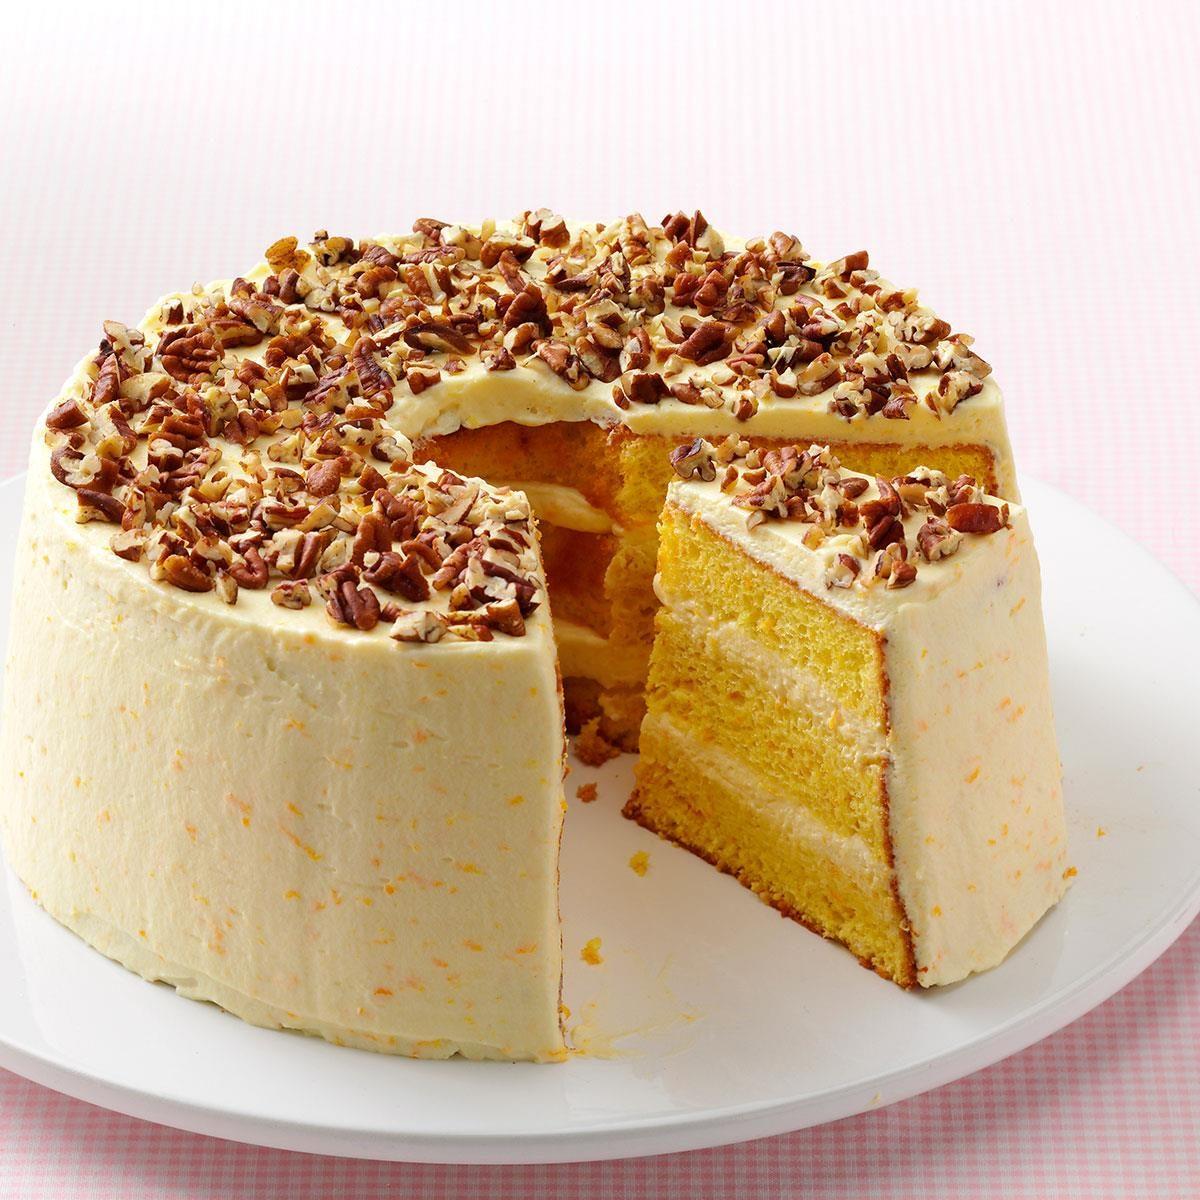 1910s: Sponge Cake